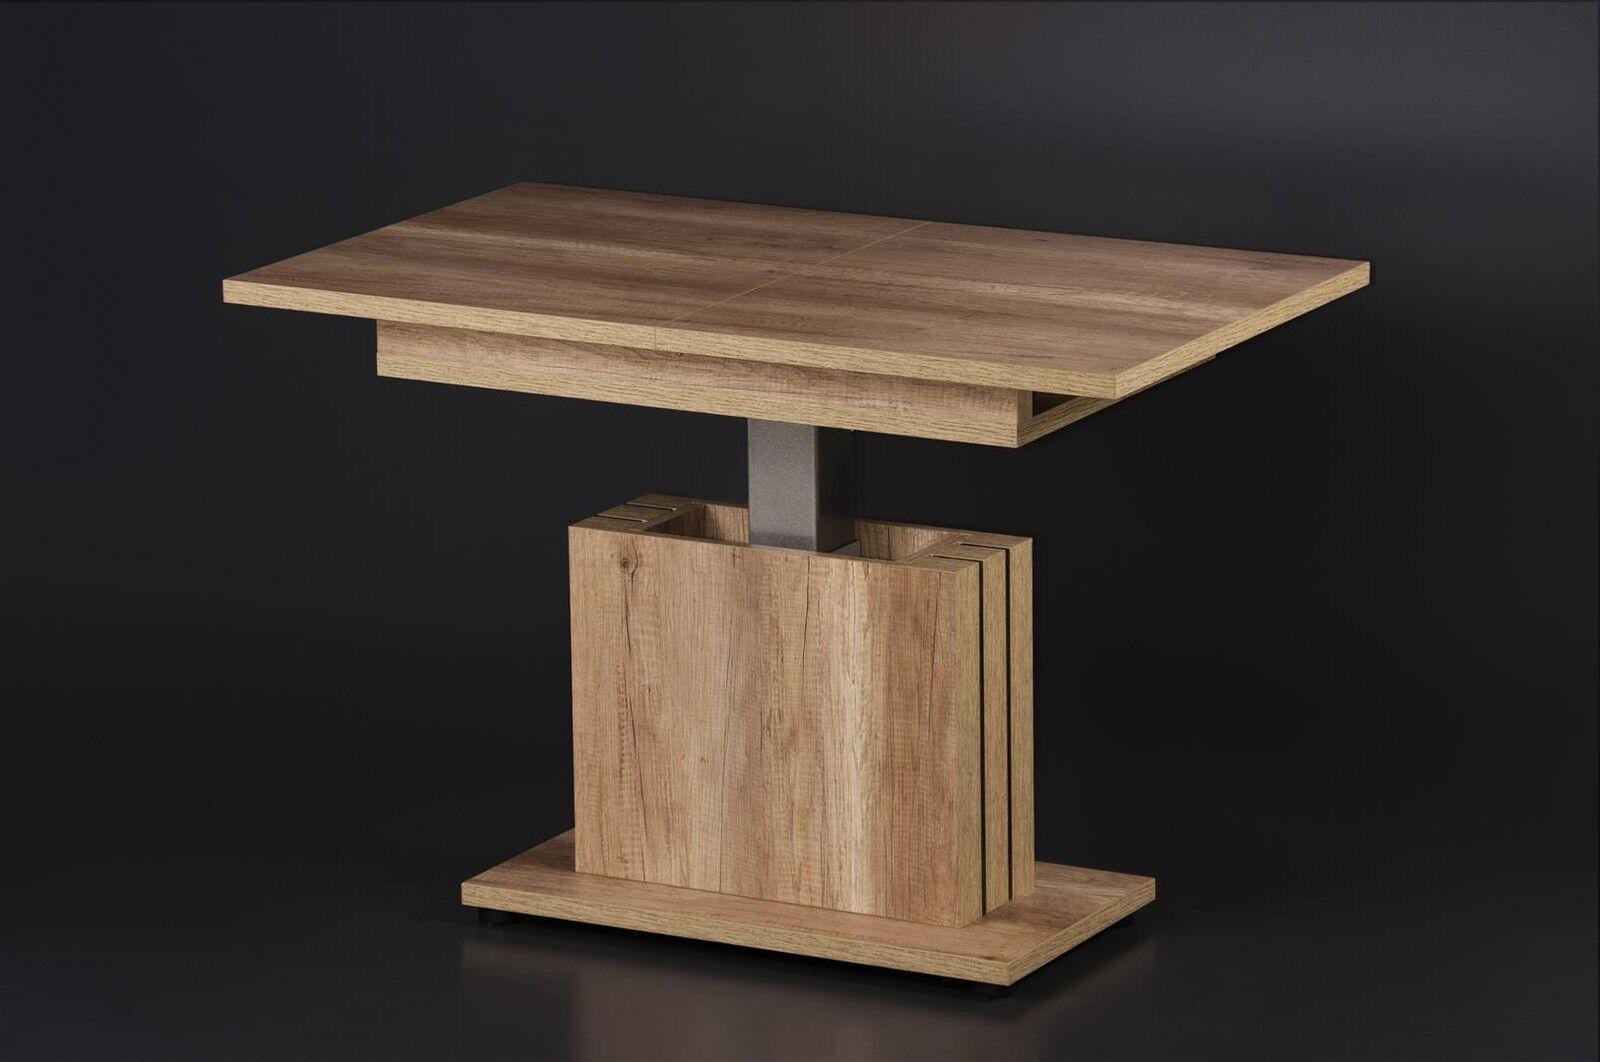 couchtisch ausziehbar h henverstellbar wohnzimmertisch funktionscouchtisch tisch eur 299 00. Black Bedroom Furniture Sets. Home Design Ideas